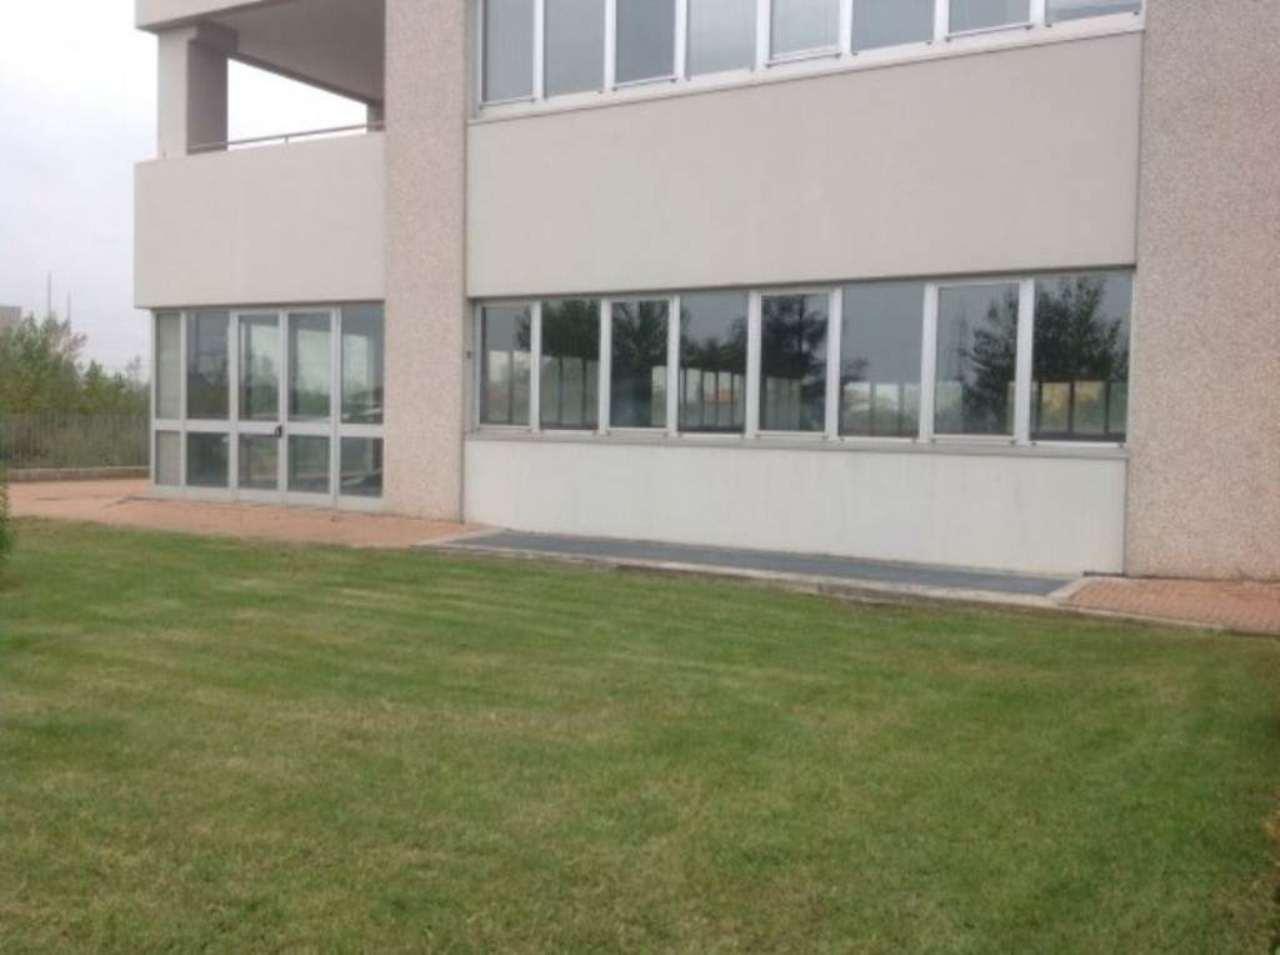 Negozio / Locale in affitto a Moncalieri, 2 locali, prezzo € 2.800 | Cambio Casa.it